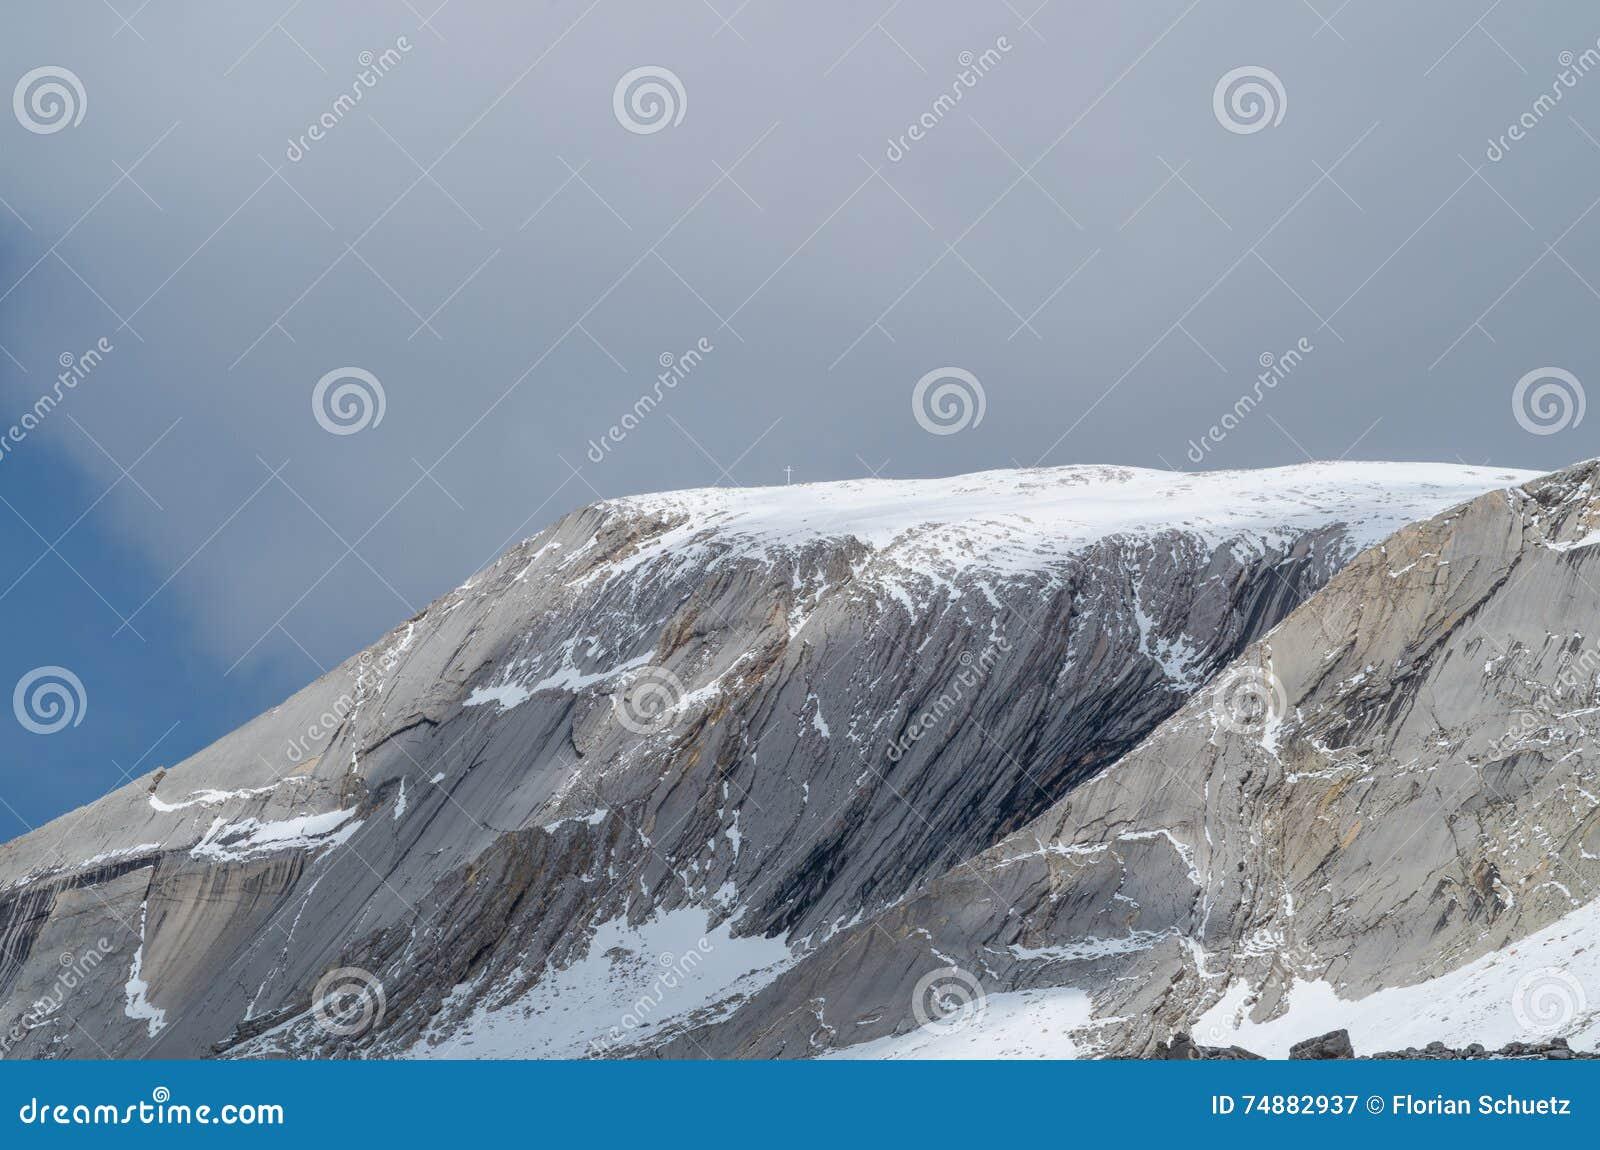 Sommet de Seekofel dans les dolomites, Tyrol du sud, Italie